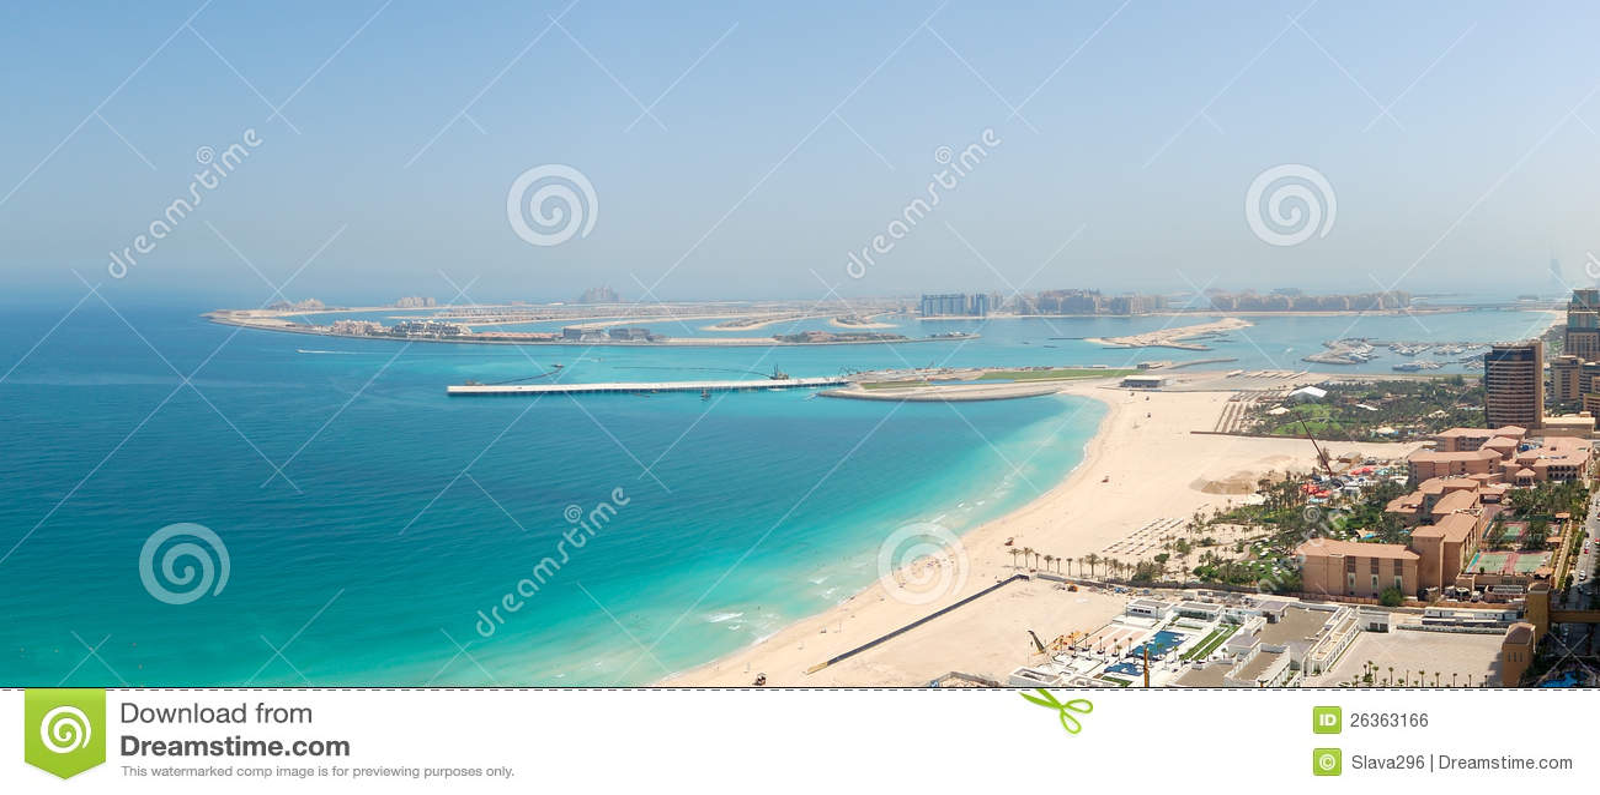 Panoramische Ansicht über synthetische Insel der Jumeirah Palme